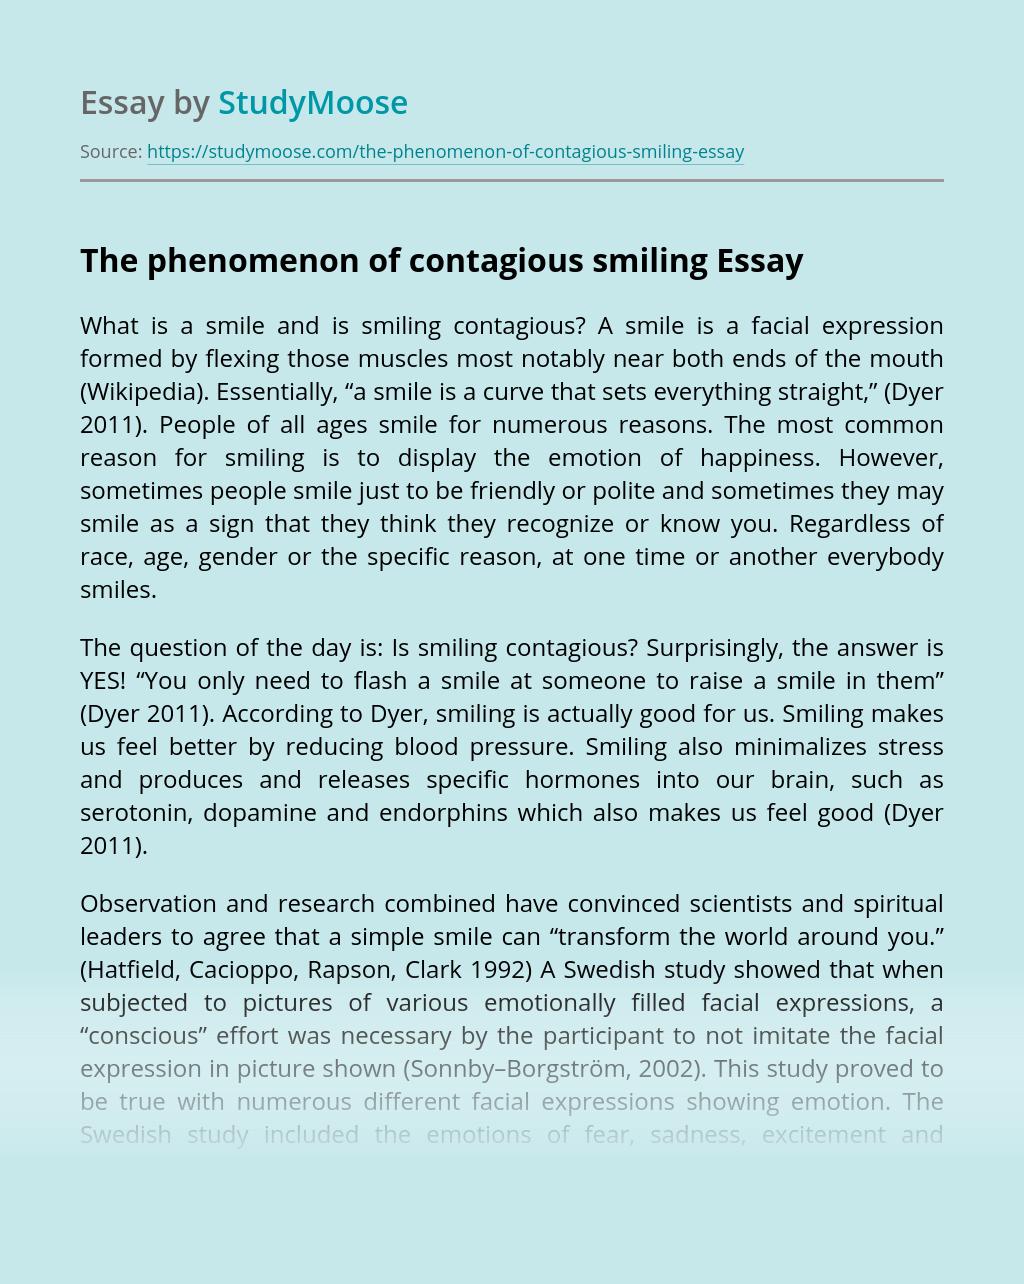 The phenomenon of contagious smiling